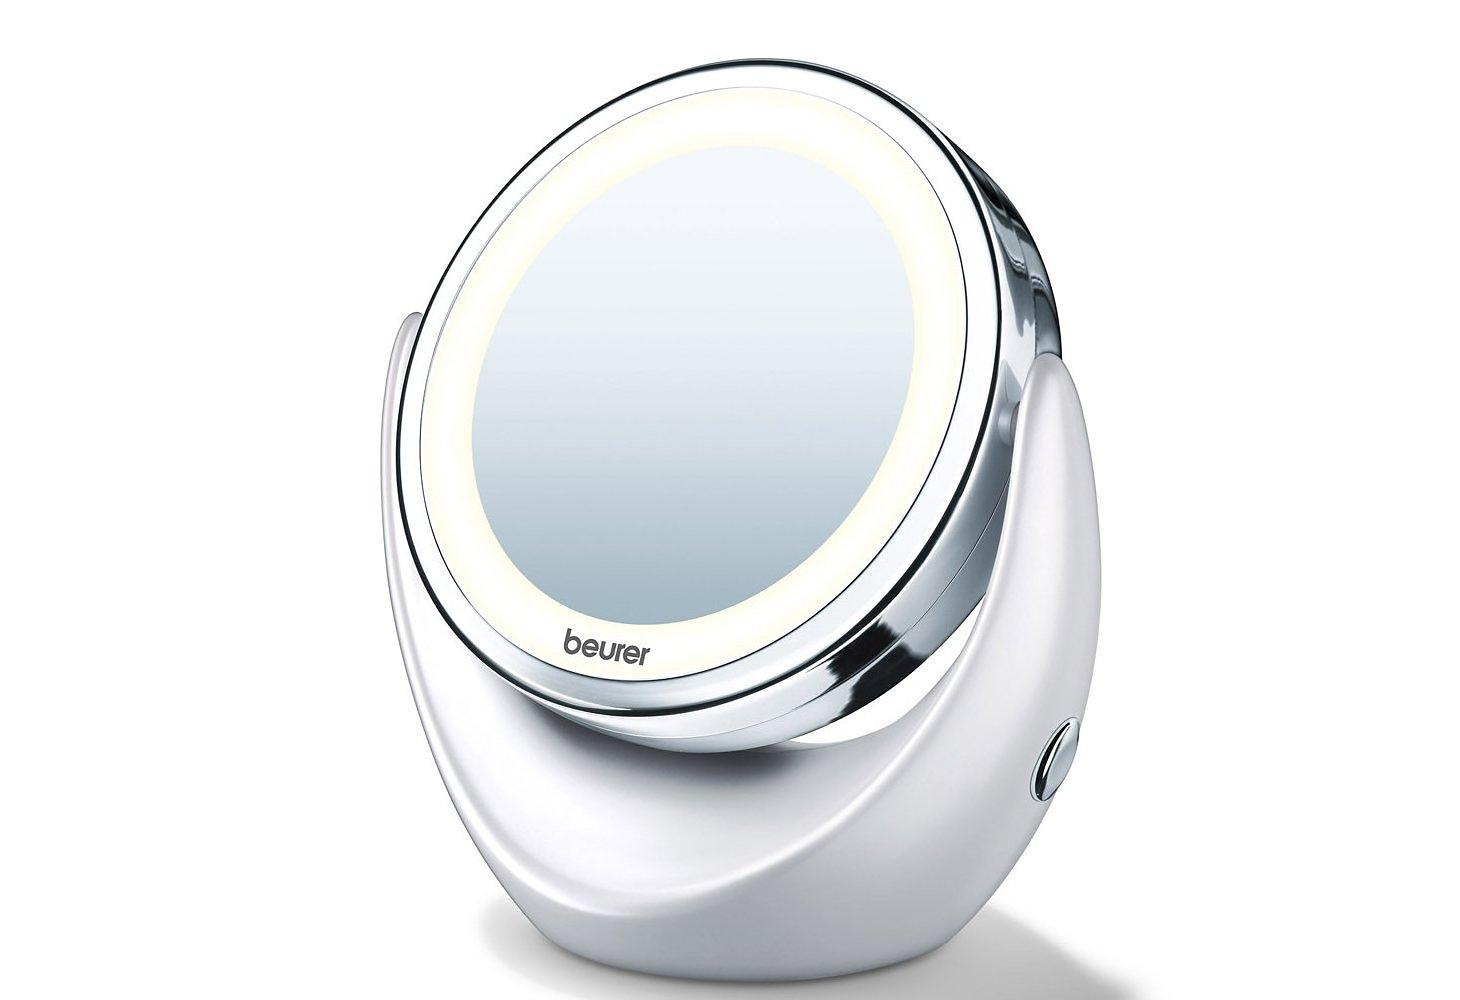 Grote Spiegels Goedkoop : Goedkope spiegels die perfect passen in je interieur otto